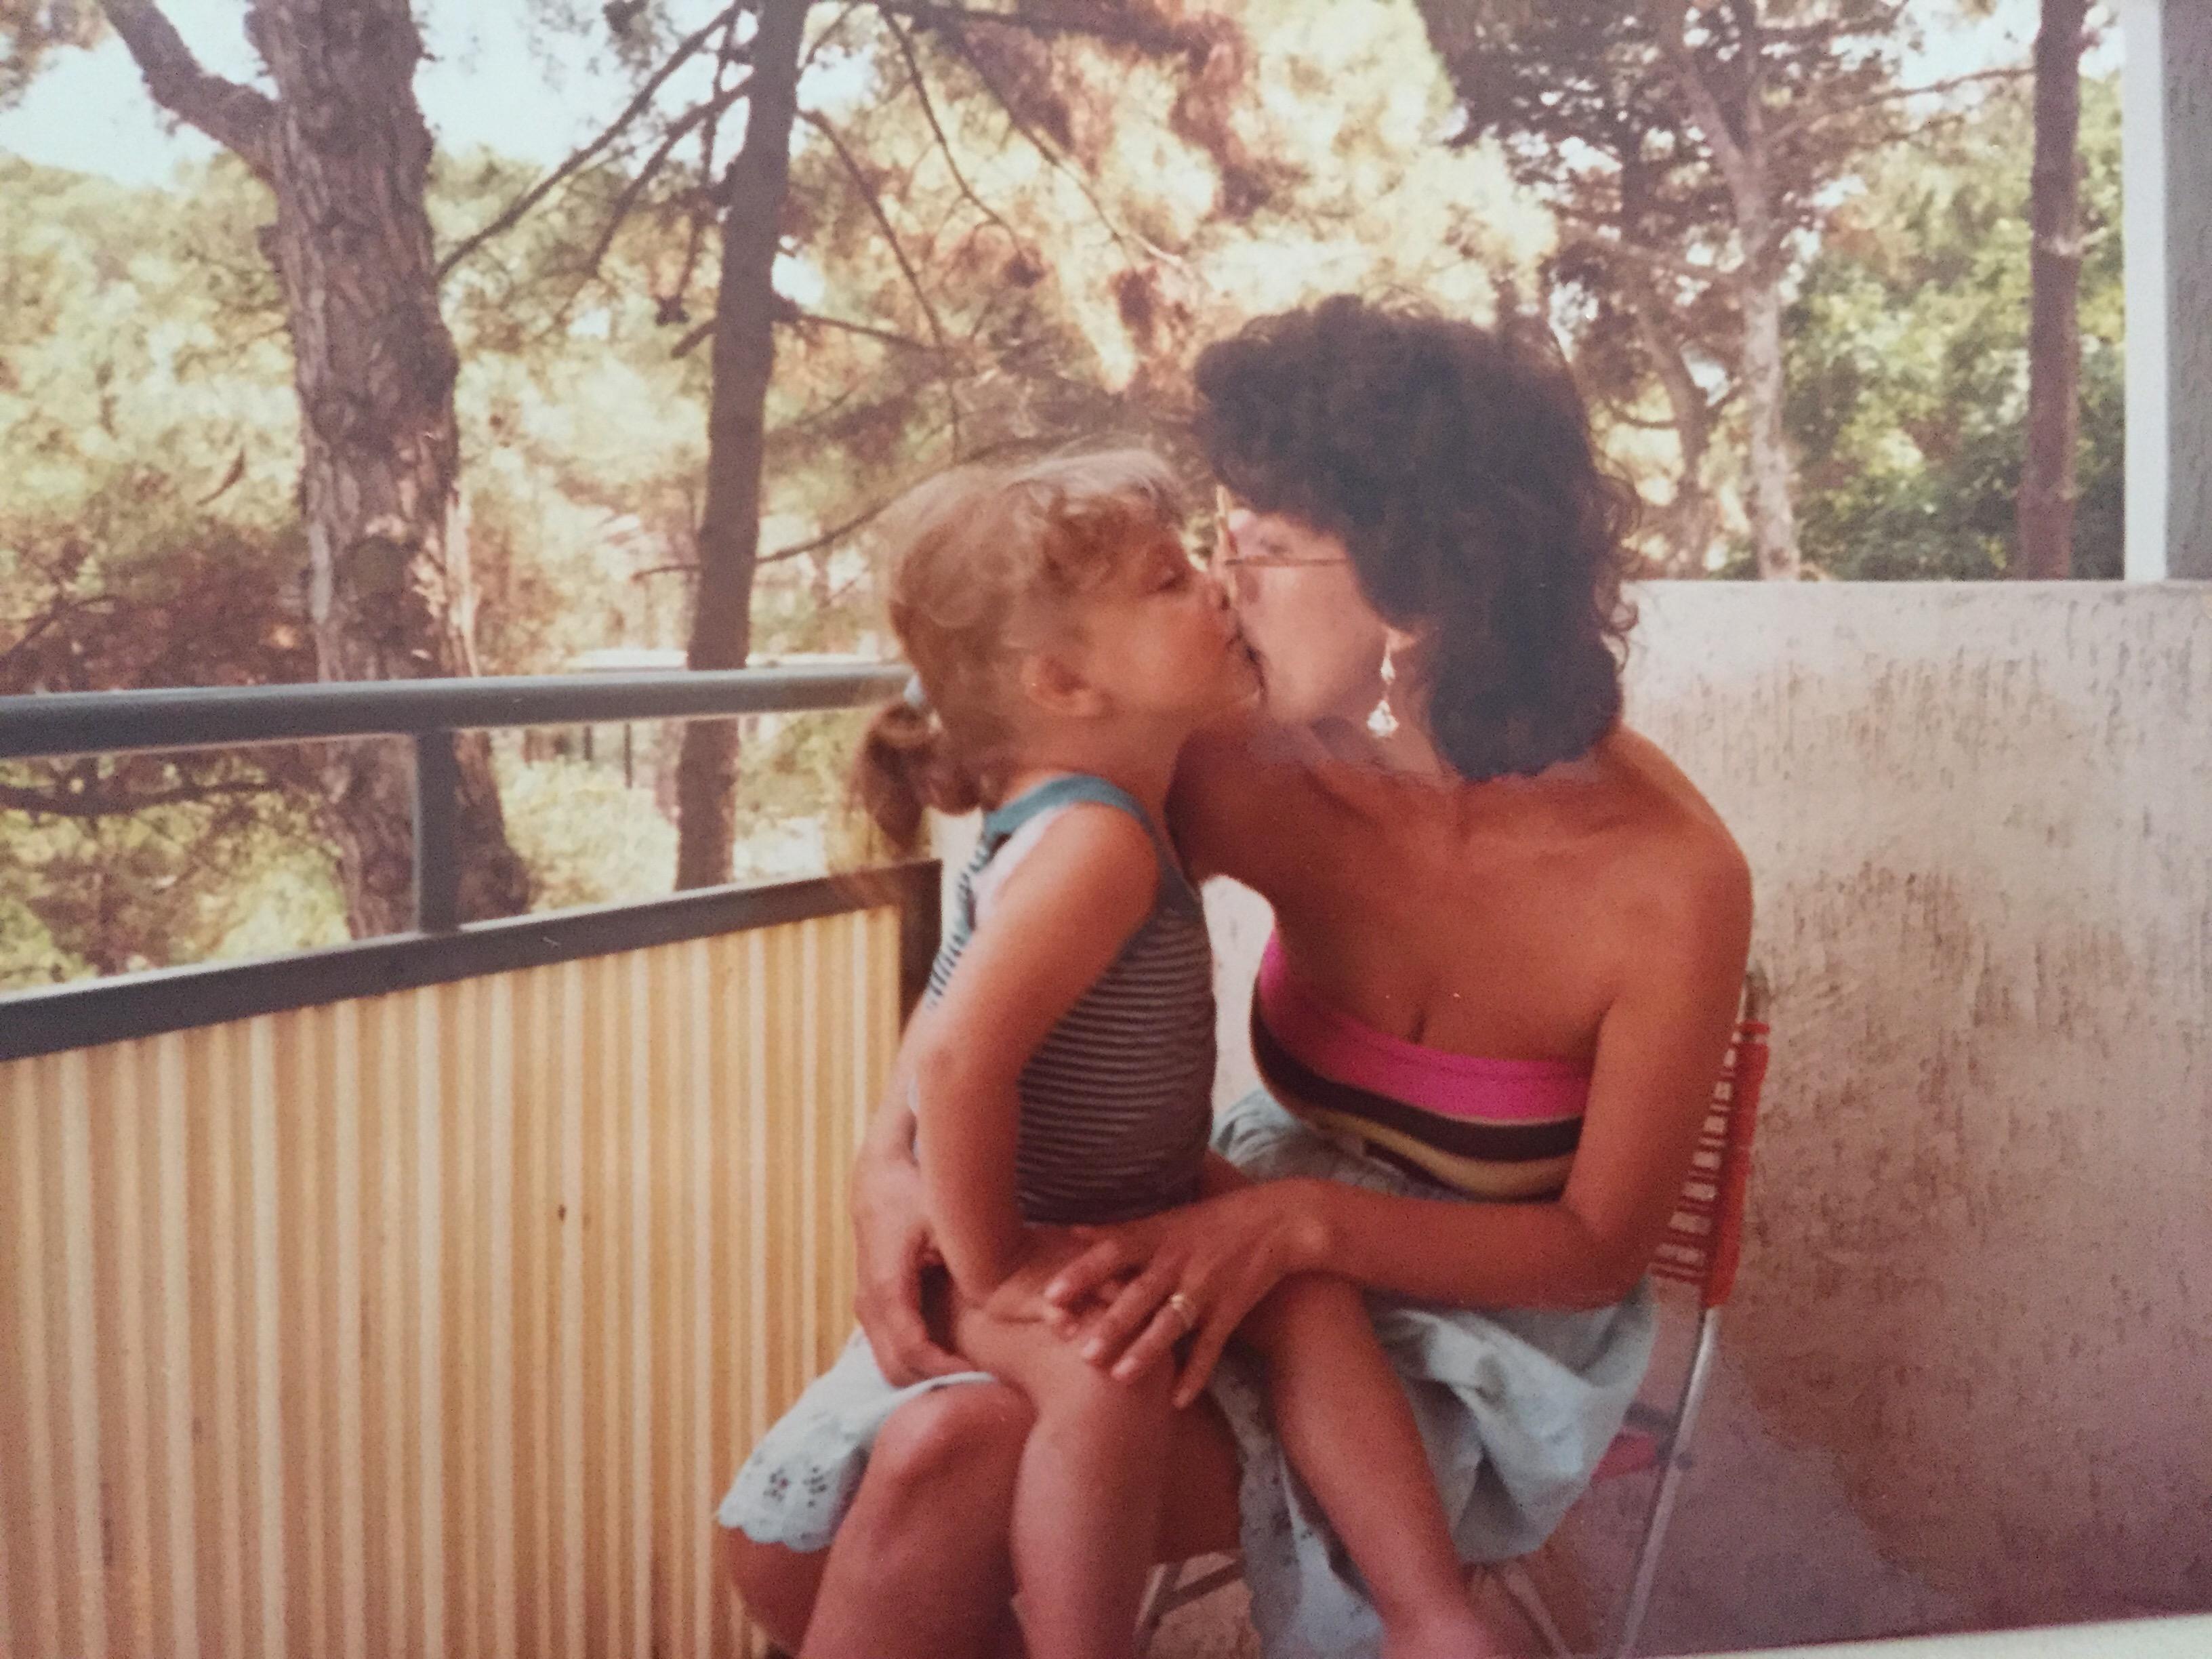 La mamma ti ascolta sempre, da sempre e sempre lo farà